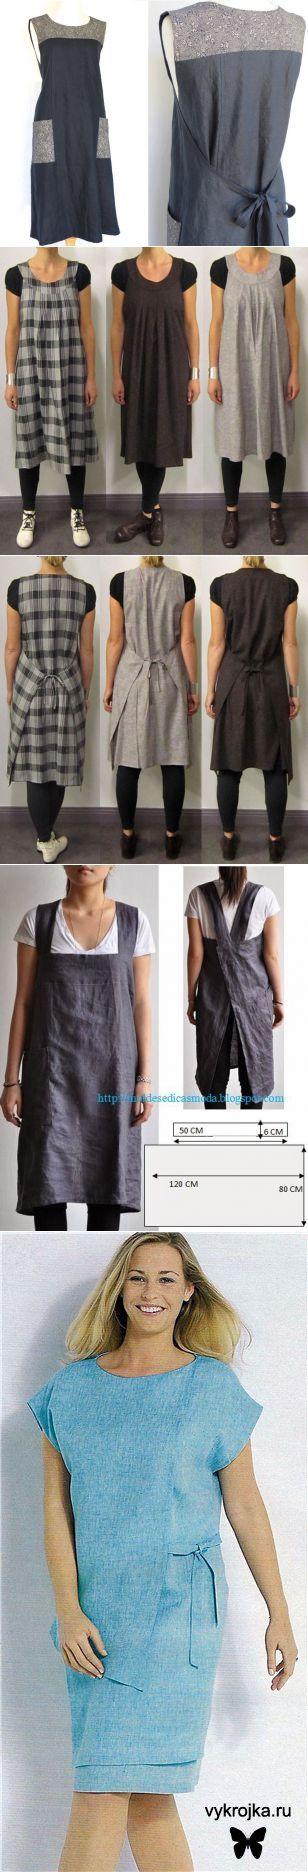 Платье-фартук. Идеи, выкройки